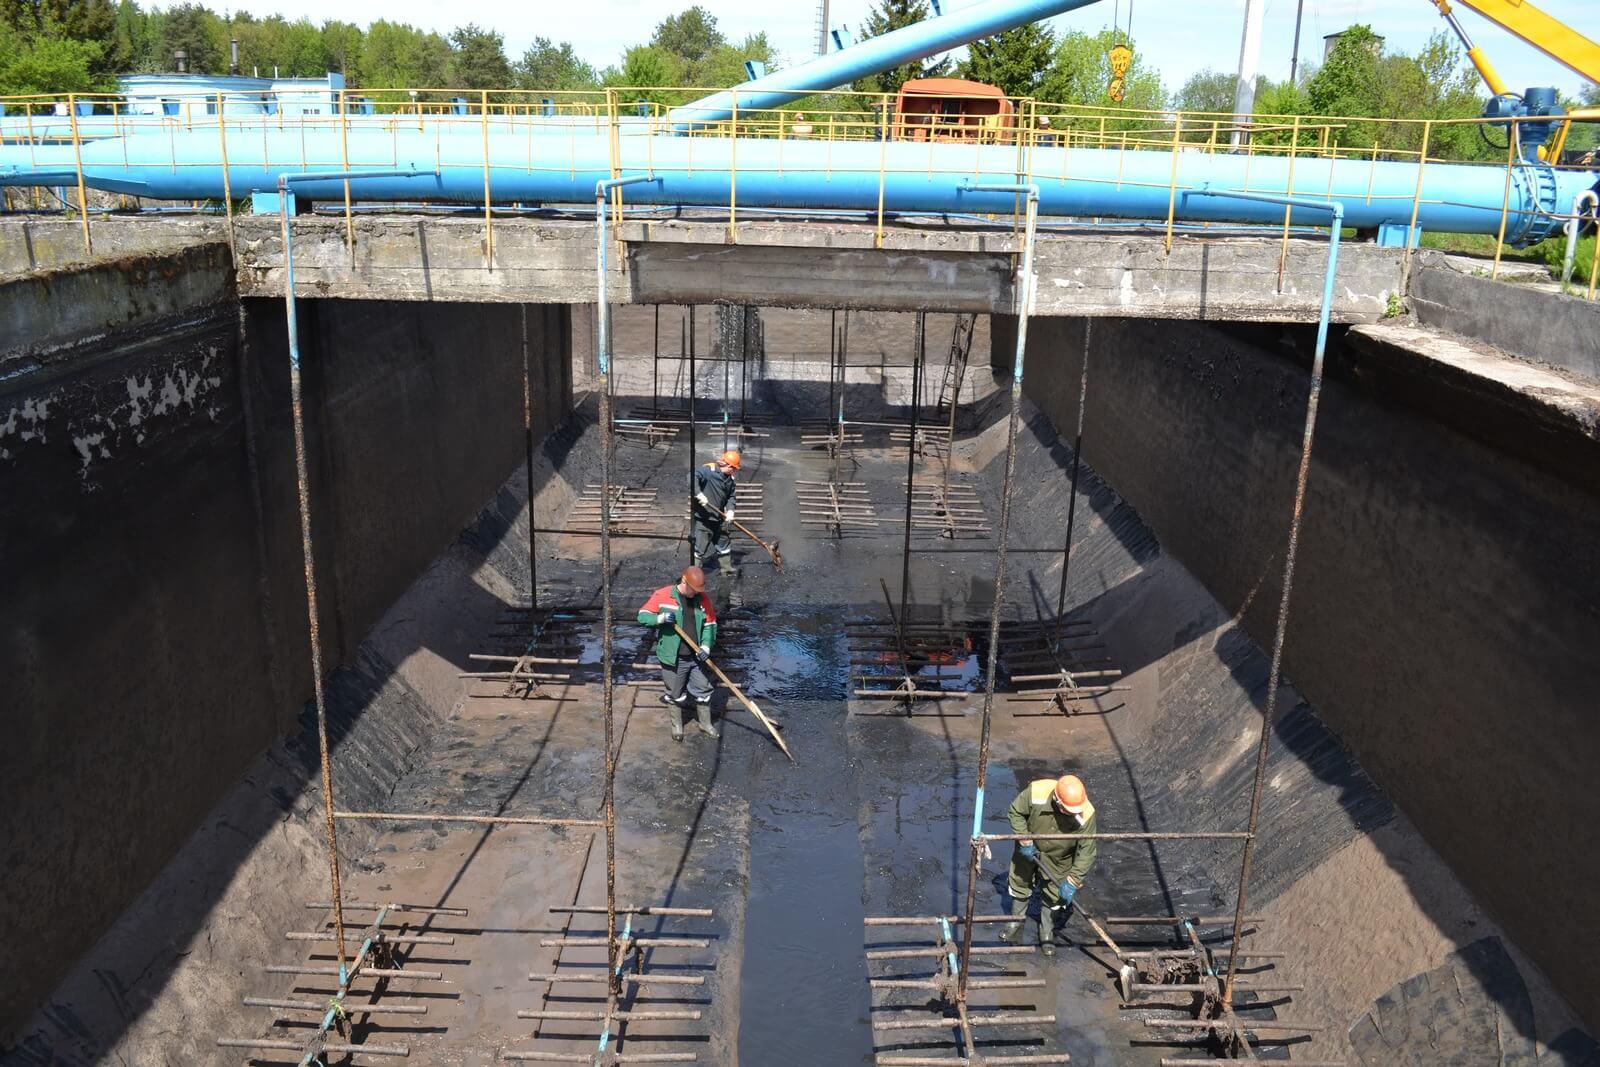 Лидское ЖКХ получит 6 млн евро в виде займа Европейского банка реконструкции и развития